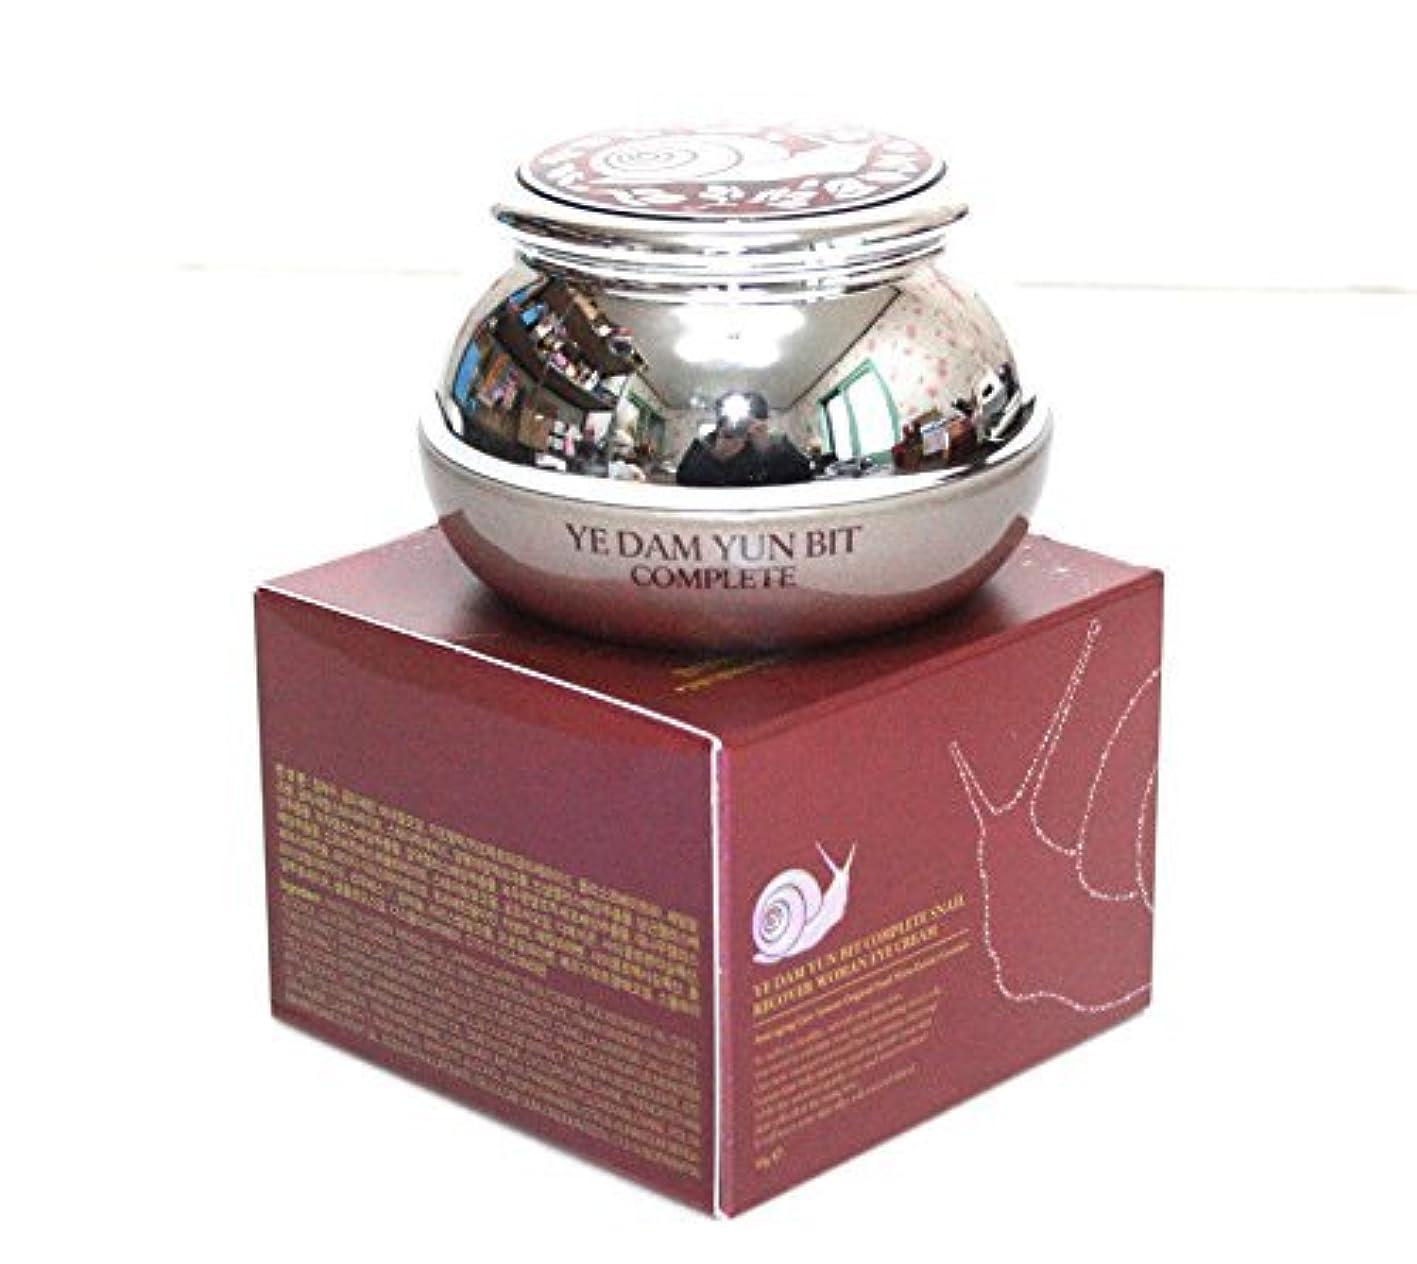 楽観コモランマレンダー[YEDAM YUN BIT] スキンが完成カタツムリ回復女性のアイクリーム50ml/韓国の化粧品/COMPLETE Skin Snail Recover Woman Eye Cream 50ml/Korean cosmetics...